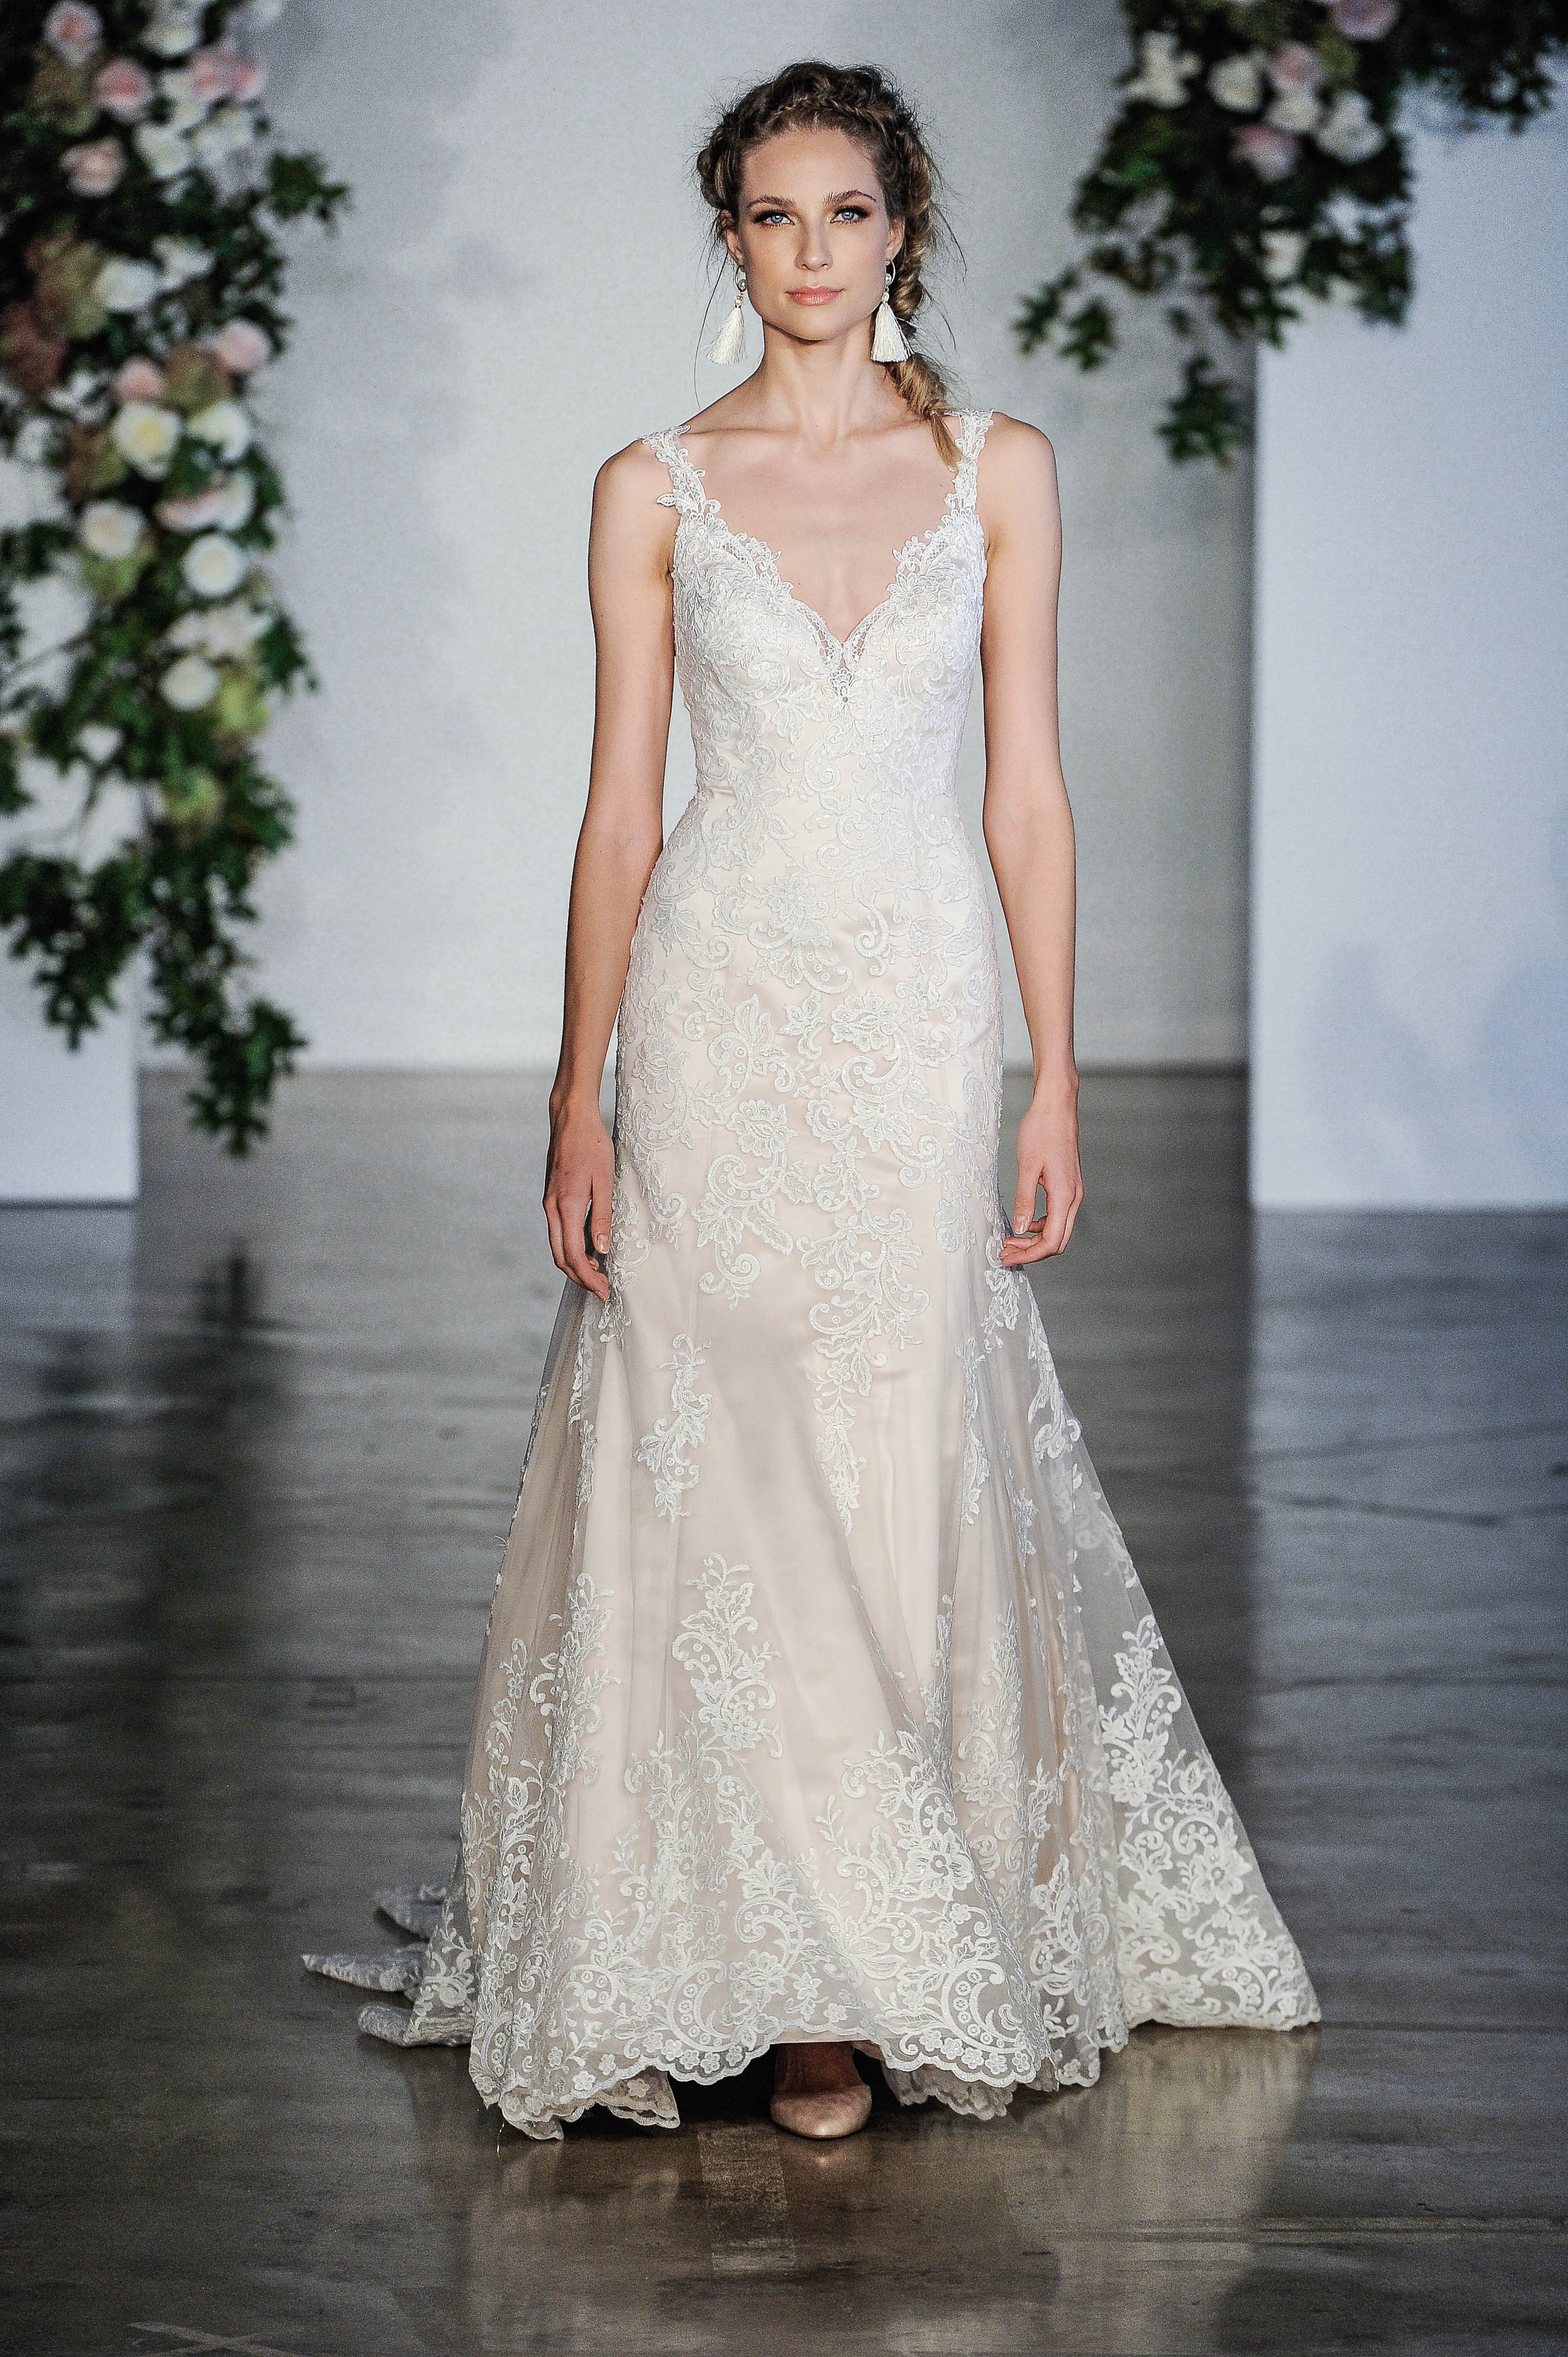 Morilee Embellished V-Neck Wedding Dress Fall 2018